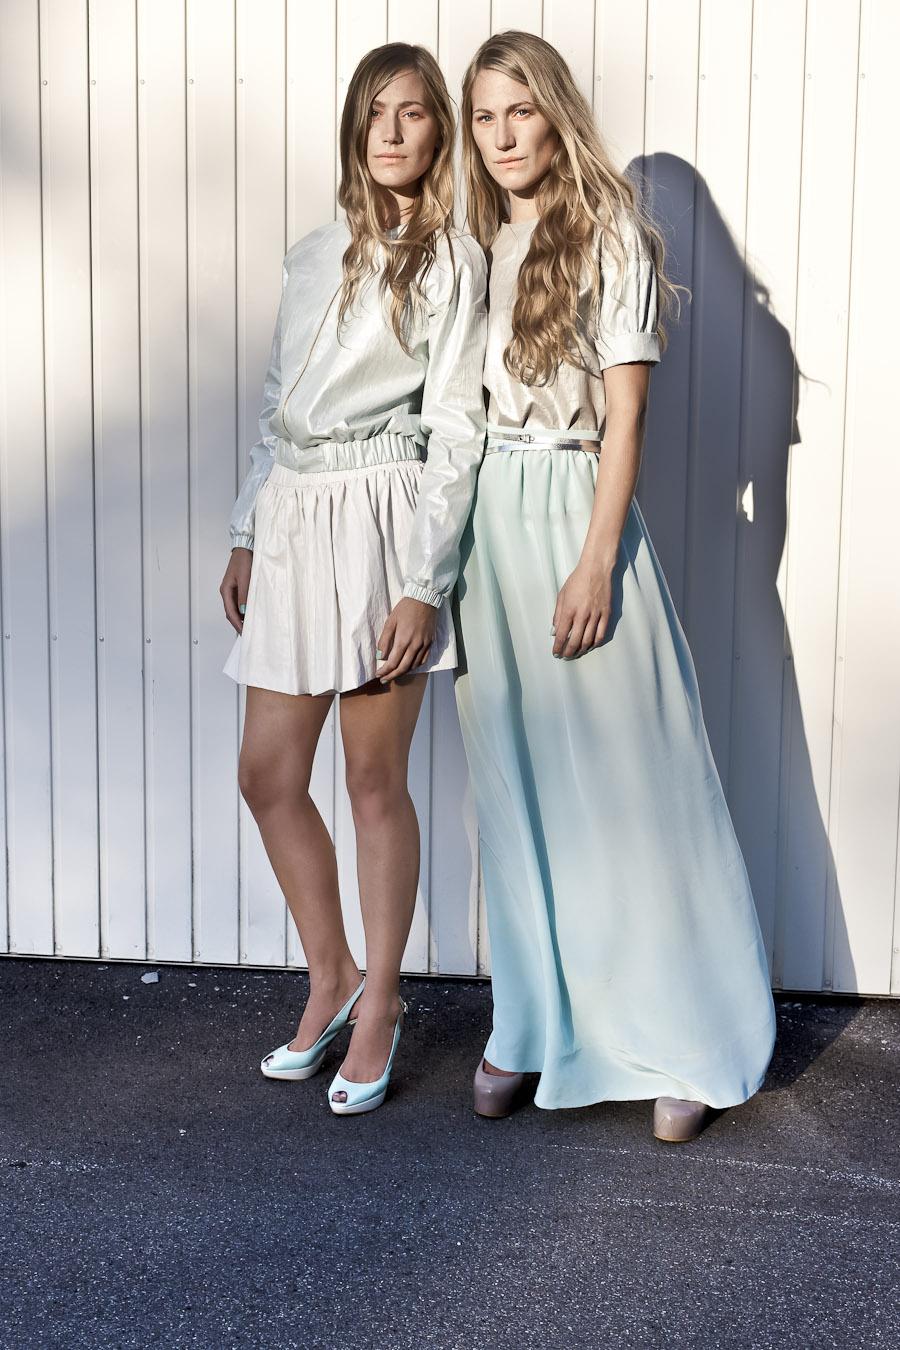 blouson: Lazulit |  skirt: Jade |  shirt: Muskovit |  skirt: Limonit